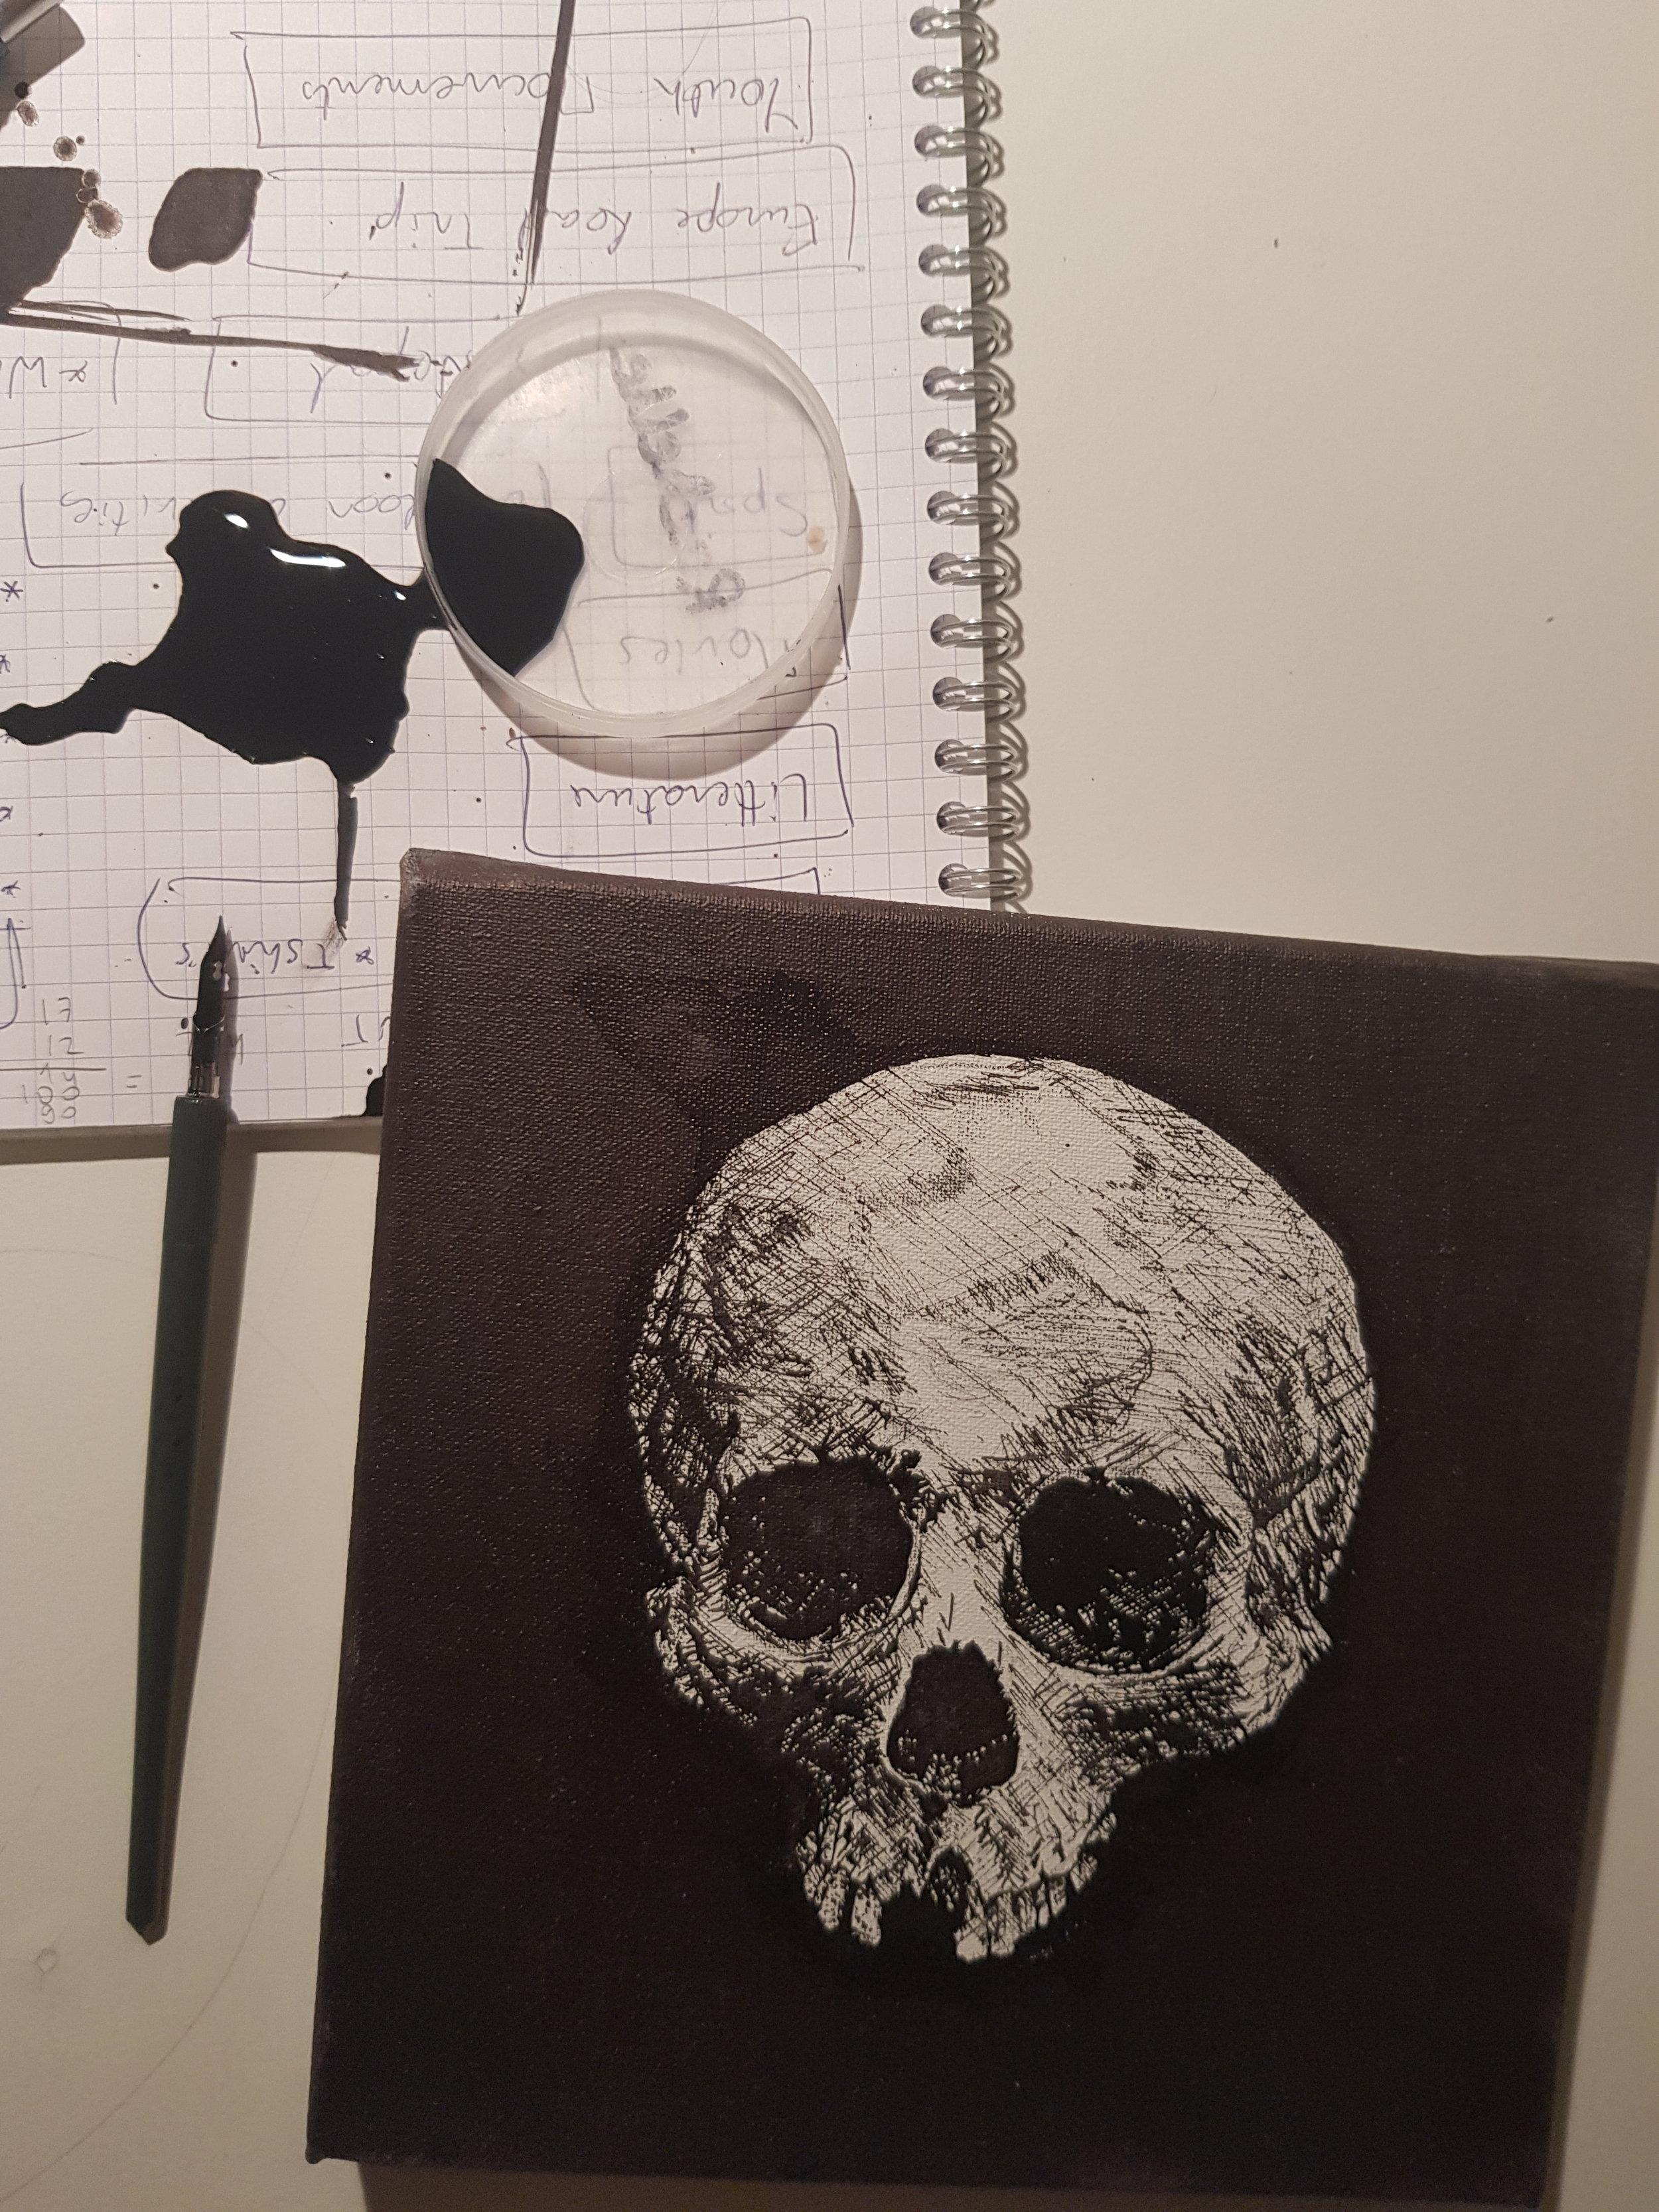 Dead Poetry, October 2018